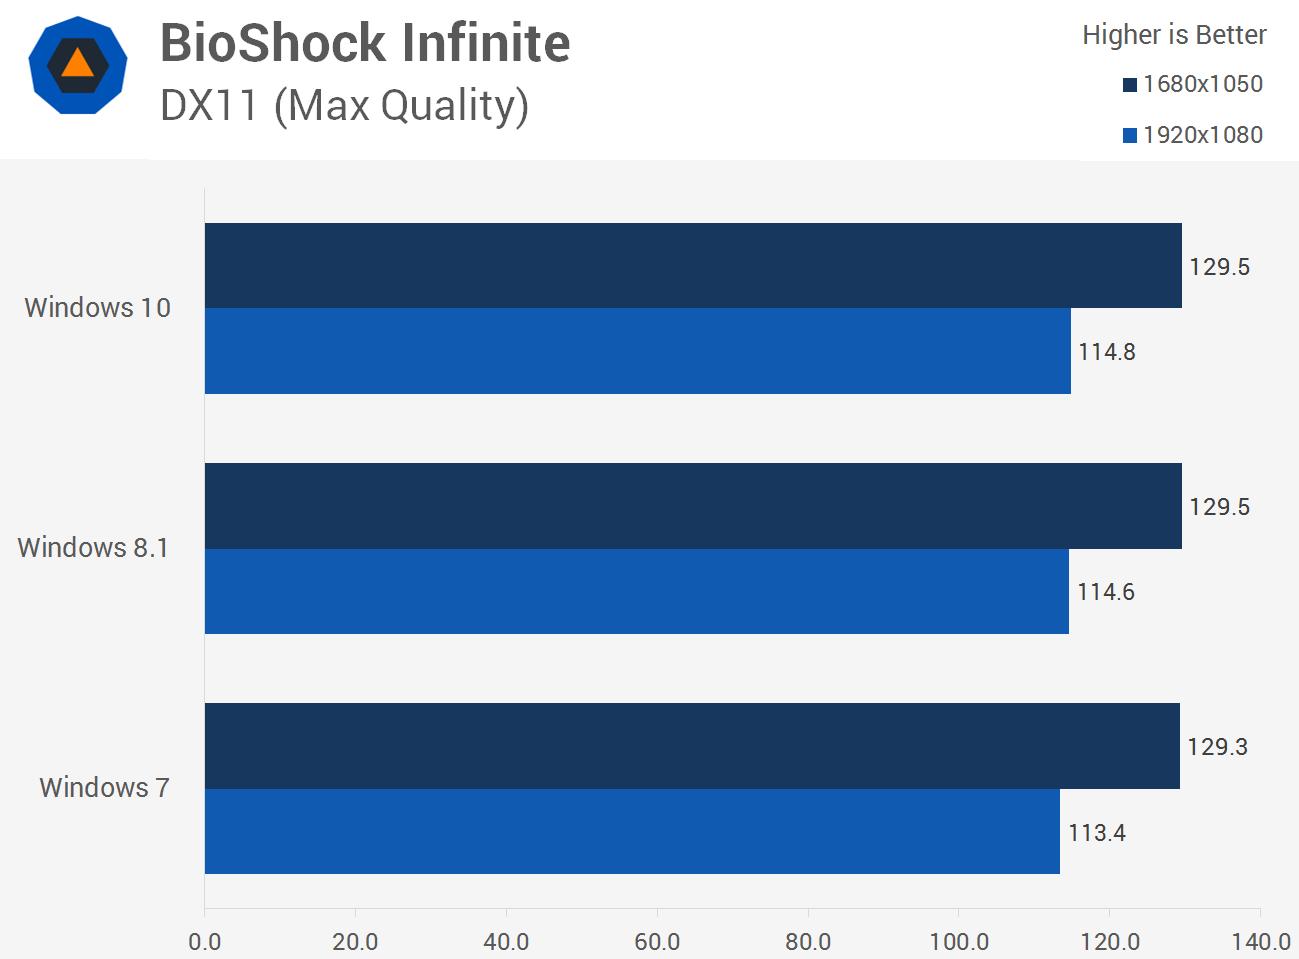 سرعت اجرای بازی Bioshock Infinite در ویندوز 10، ویندوز 8.1 و ویندوز 7